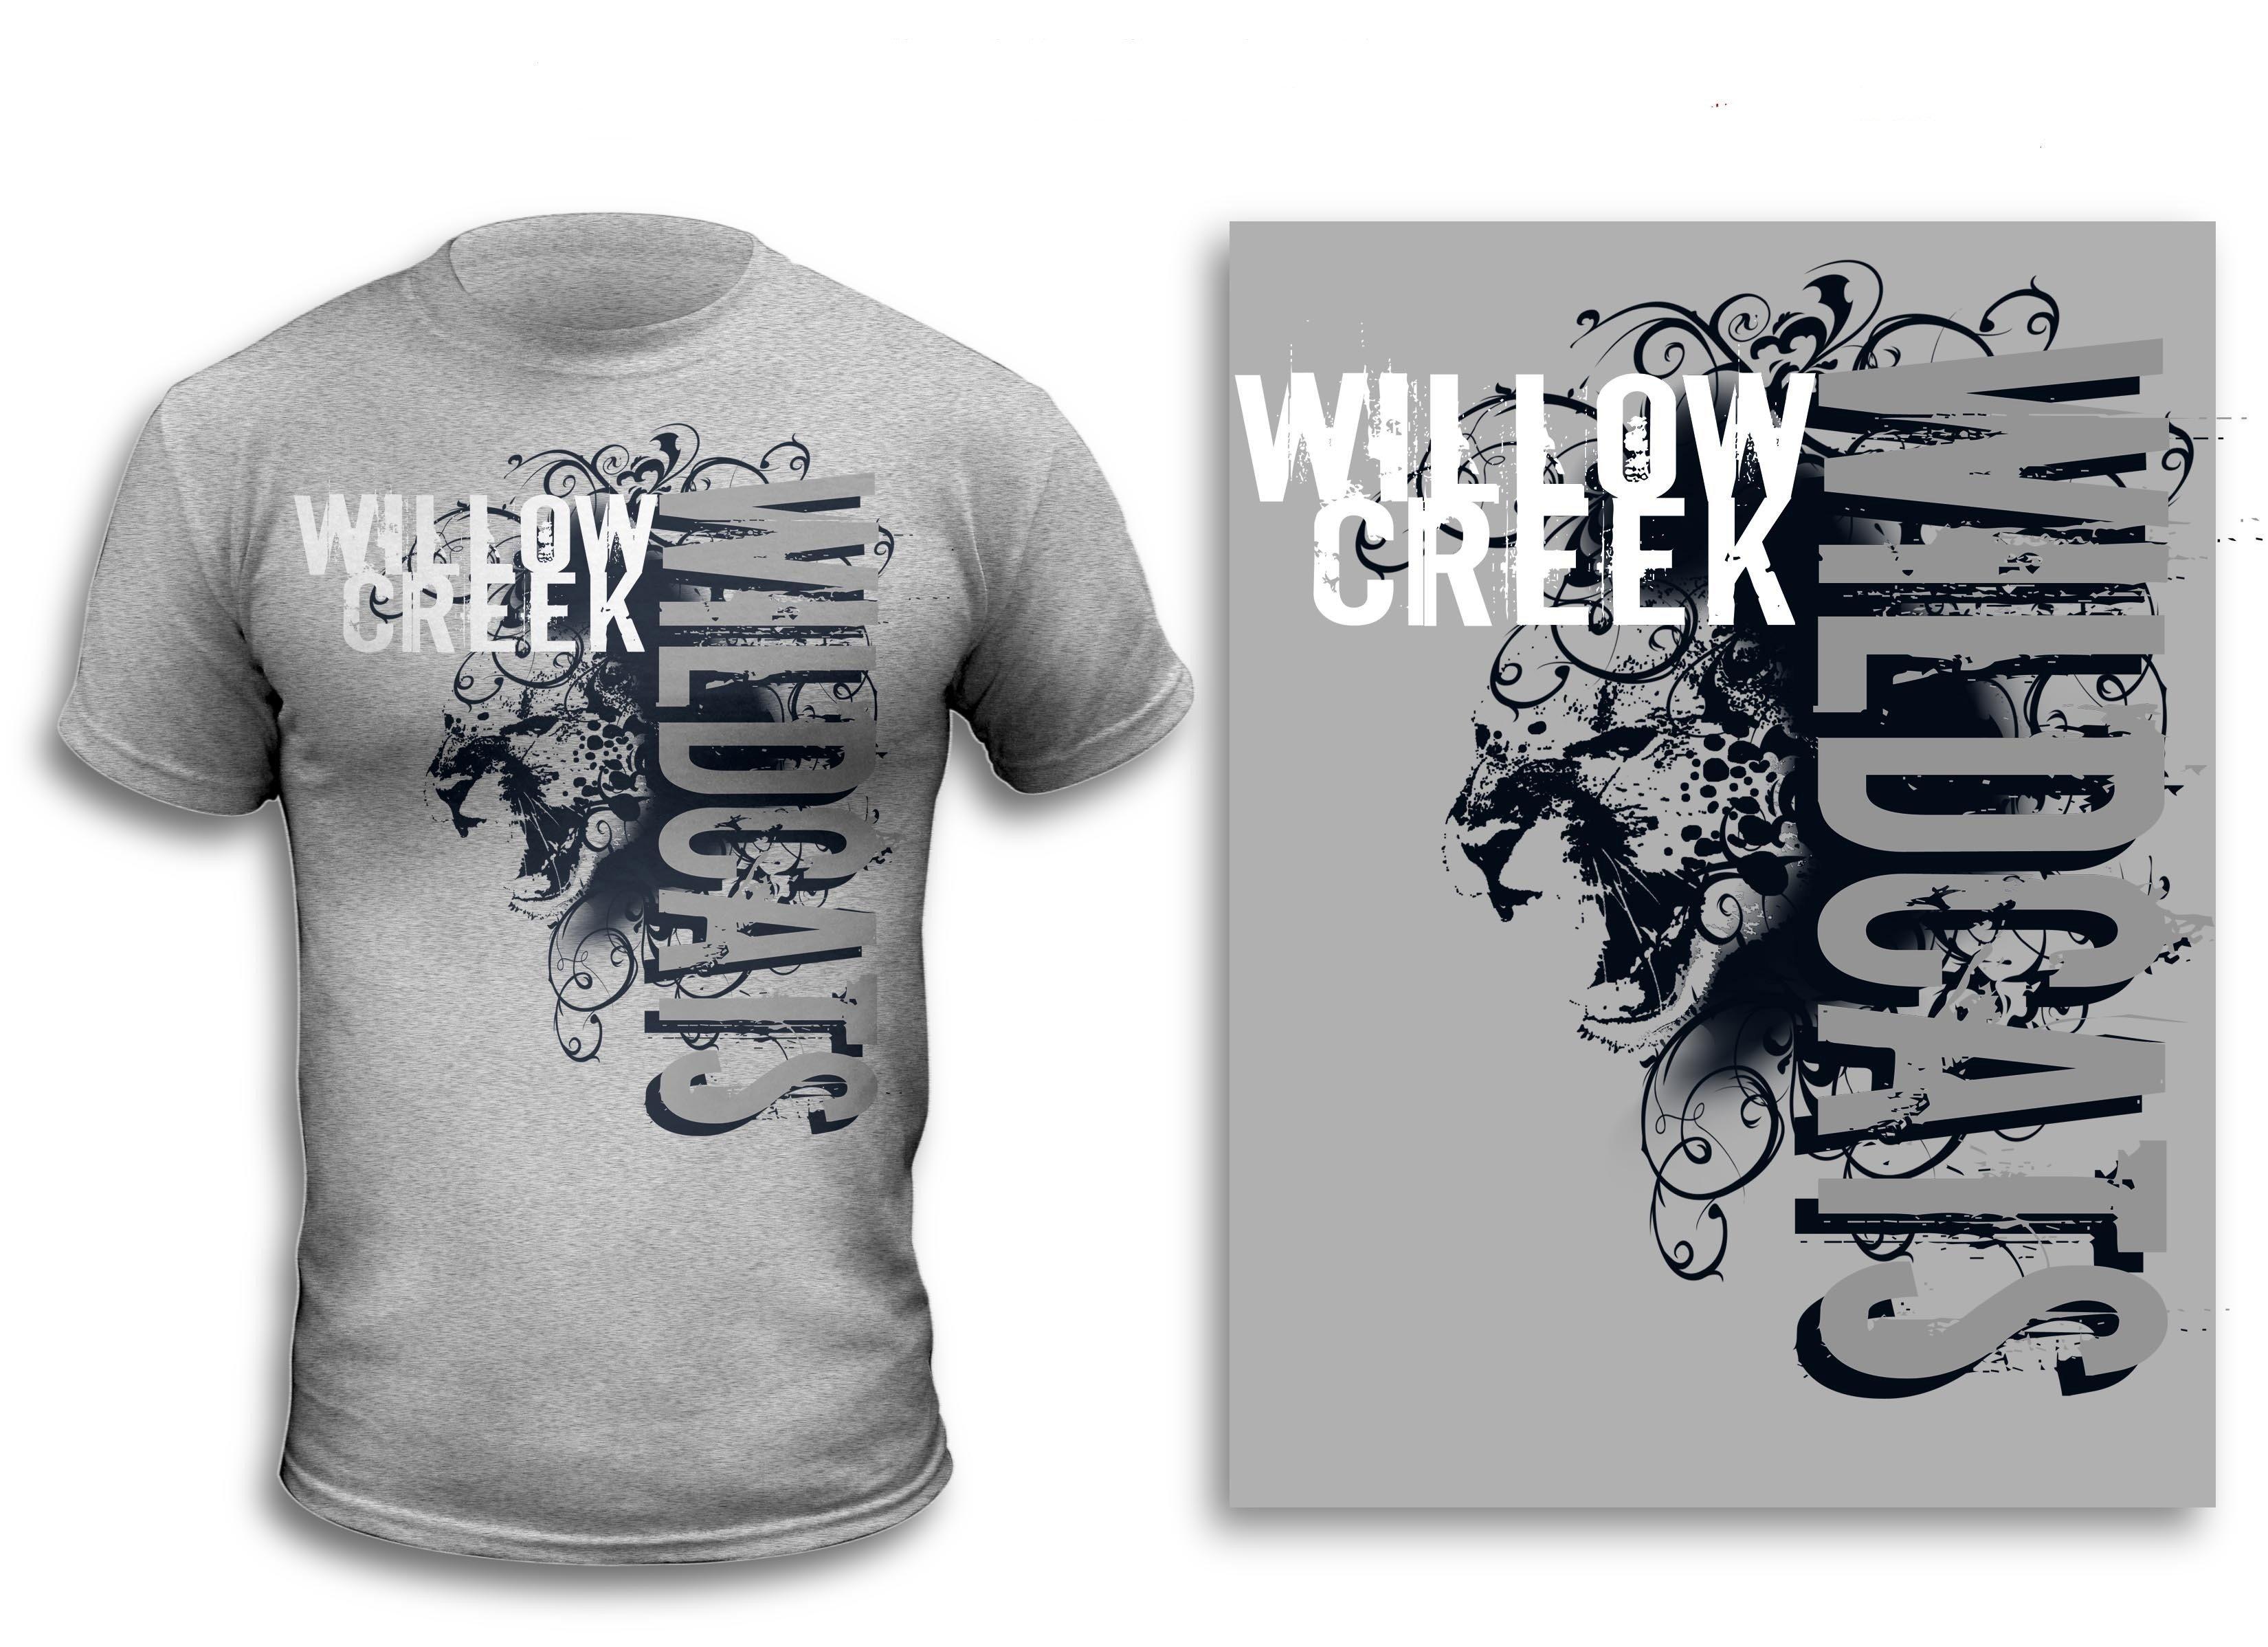 10 Stunning School T Shirt Design Ideas high school t shirt design ideas beautiful the gallery for high 2021